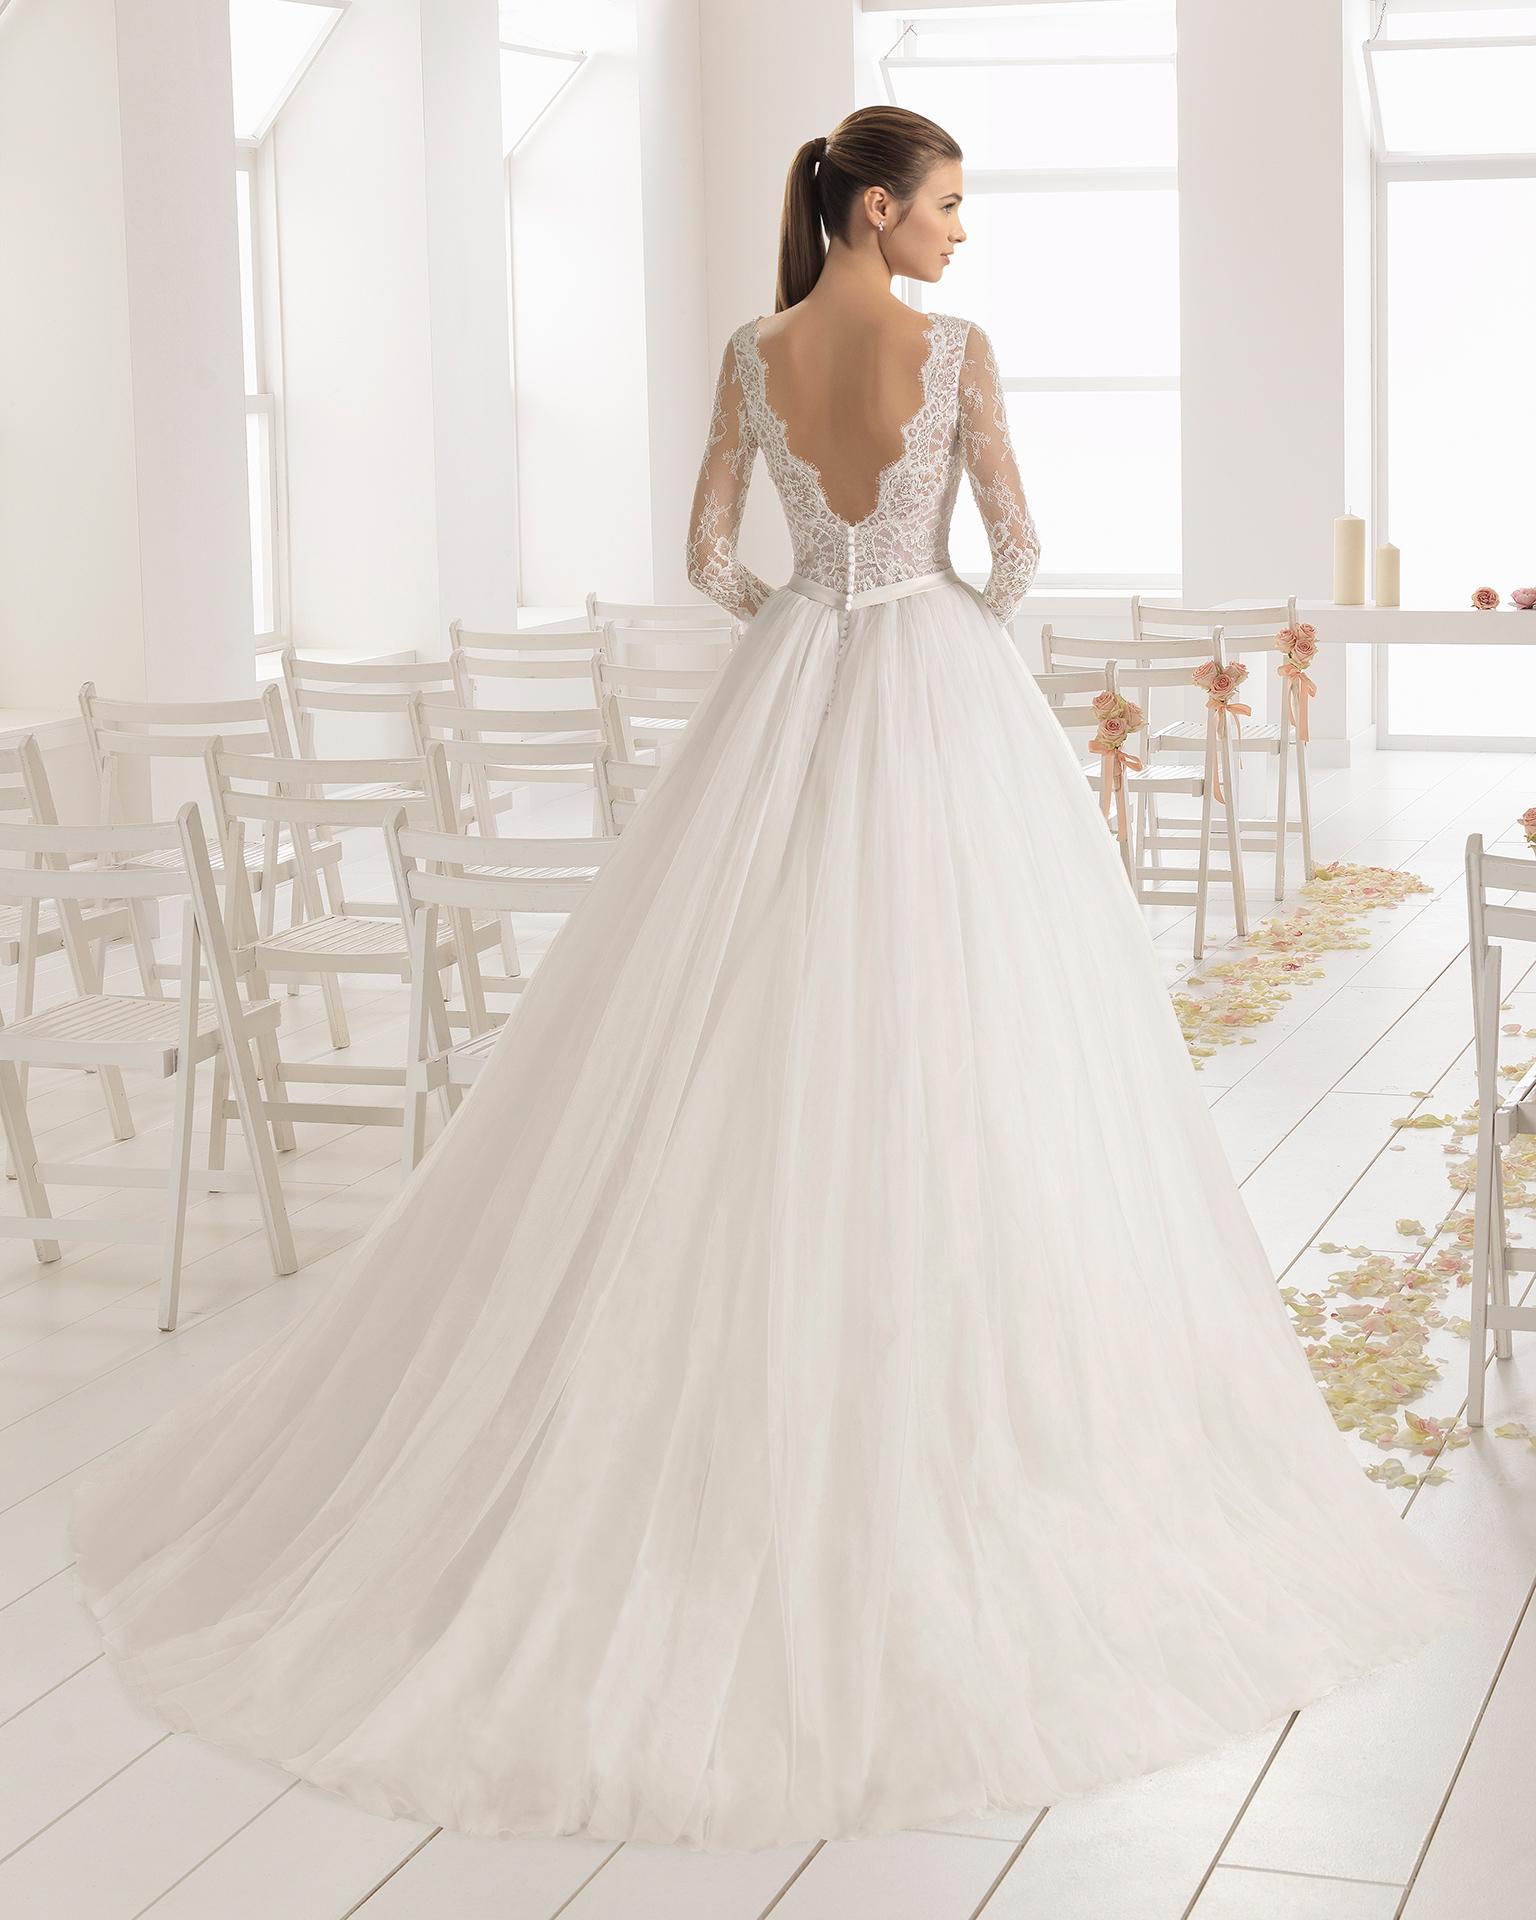 Vestido de novia estilo línea A en encaje y tul con manga larga con escote barco y espalda V.